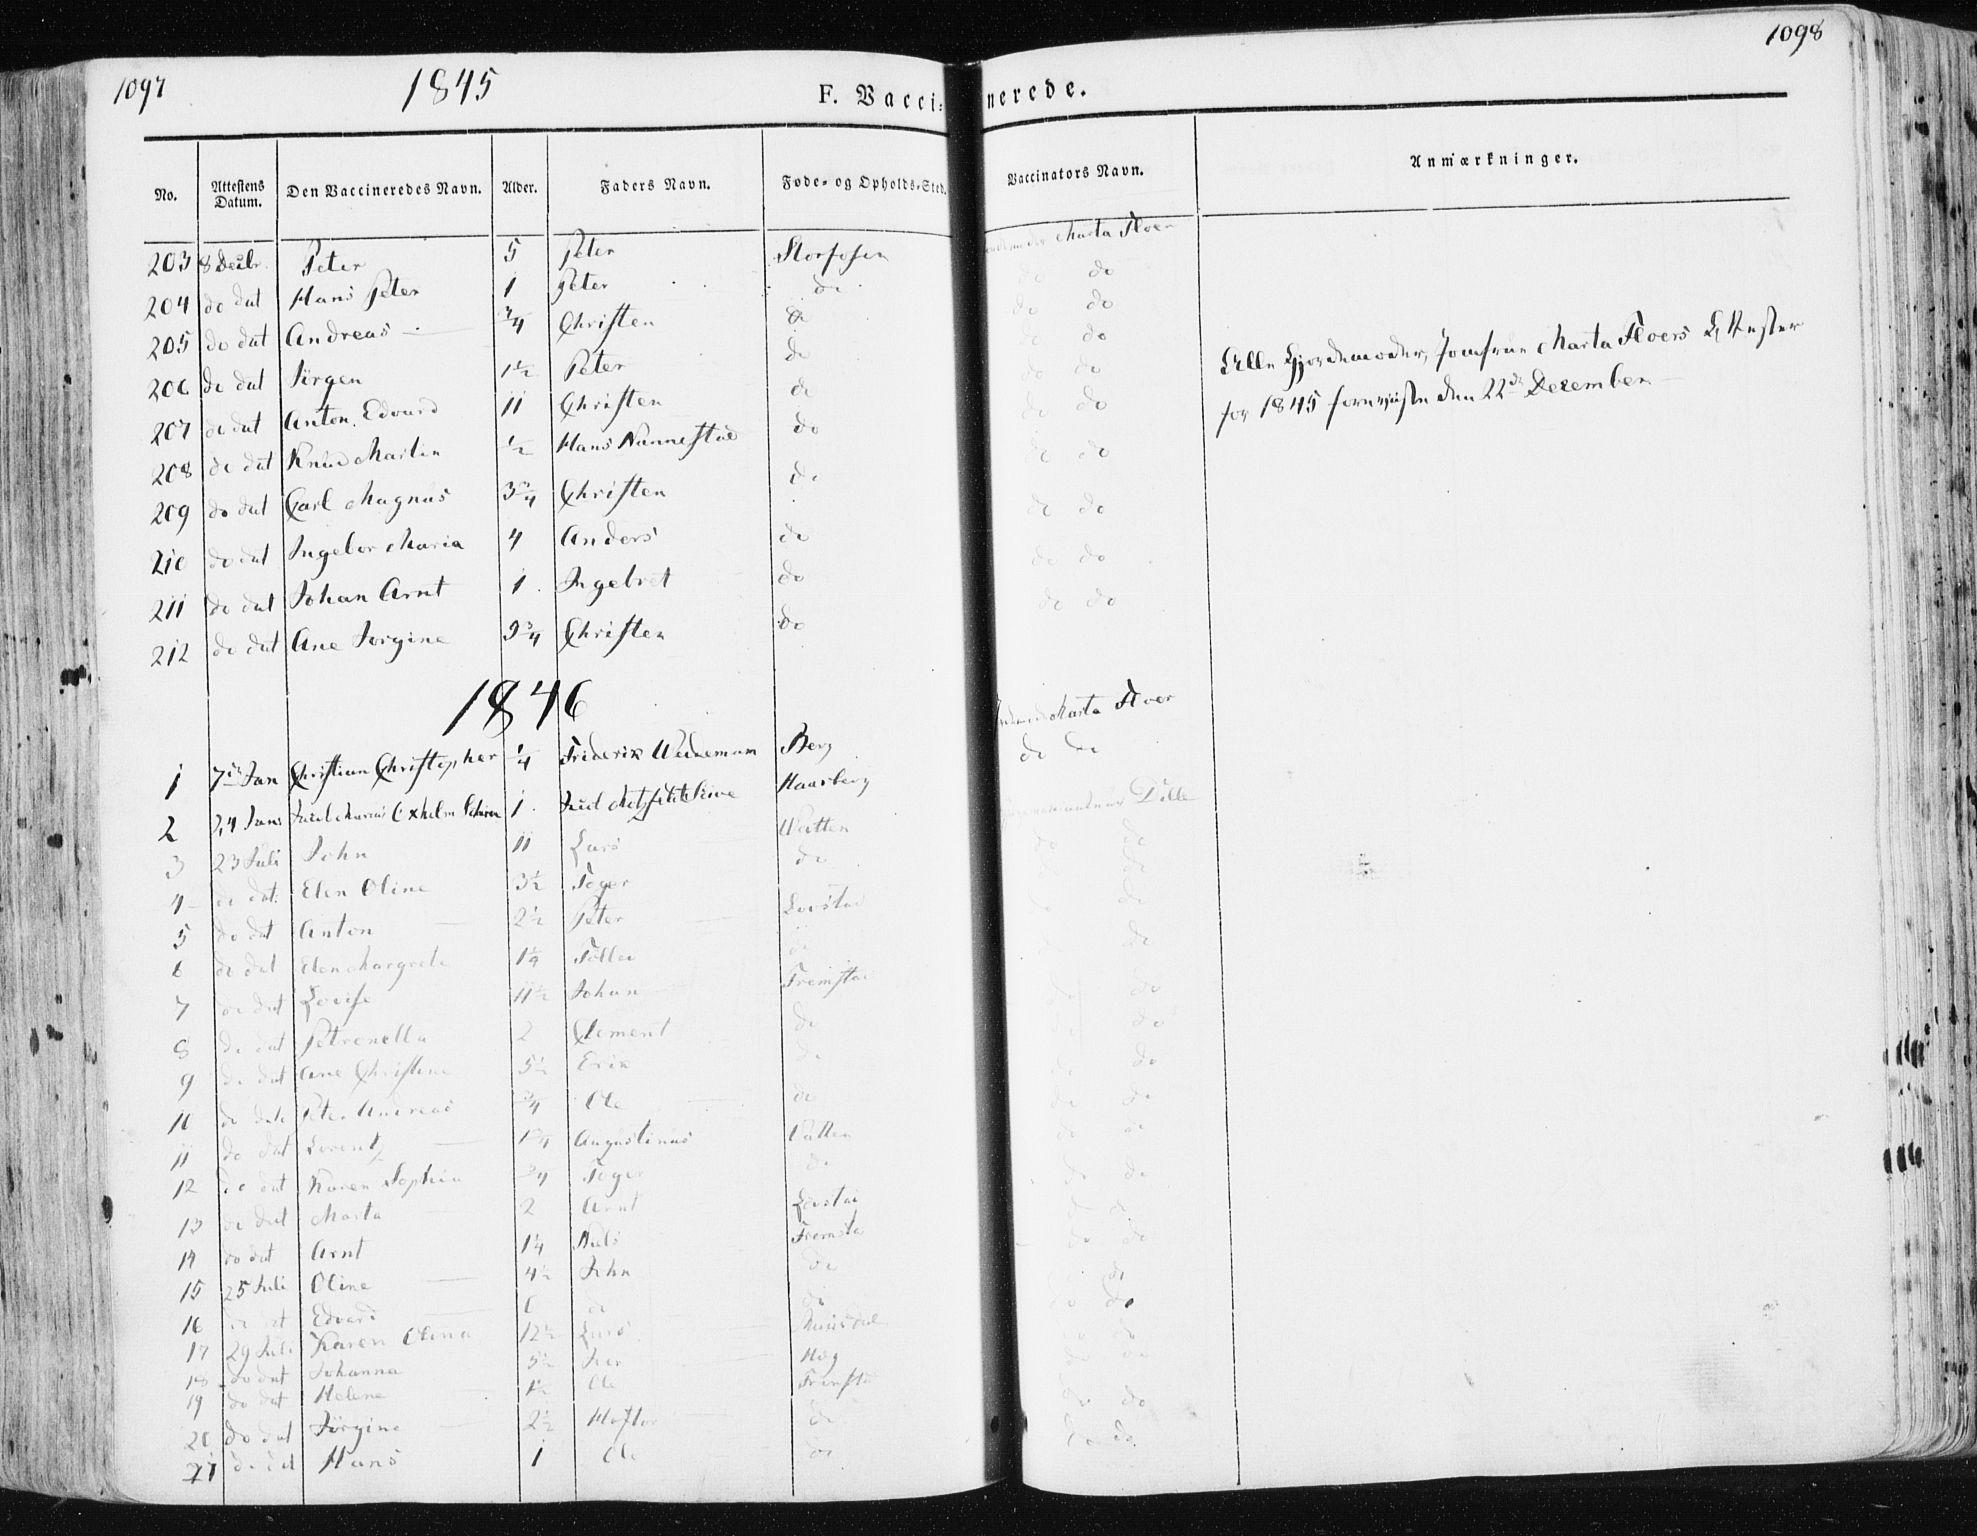 SAT, Ministerialprotokoller, klokkerbøker og fødselsregistre - Sør-Trøndelag, 659/L0736: Ministerialbok nr. 659A06, 1842-1856, s. 1097-1098